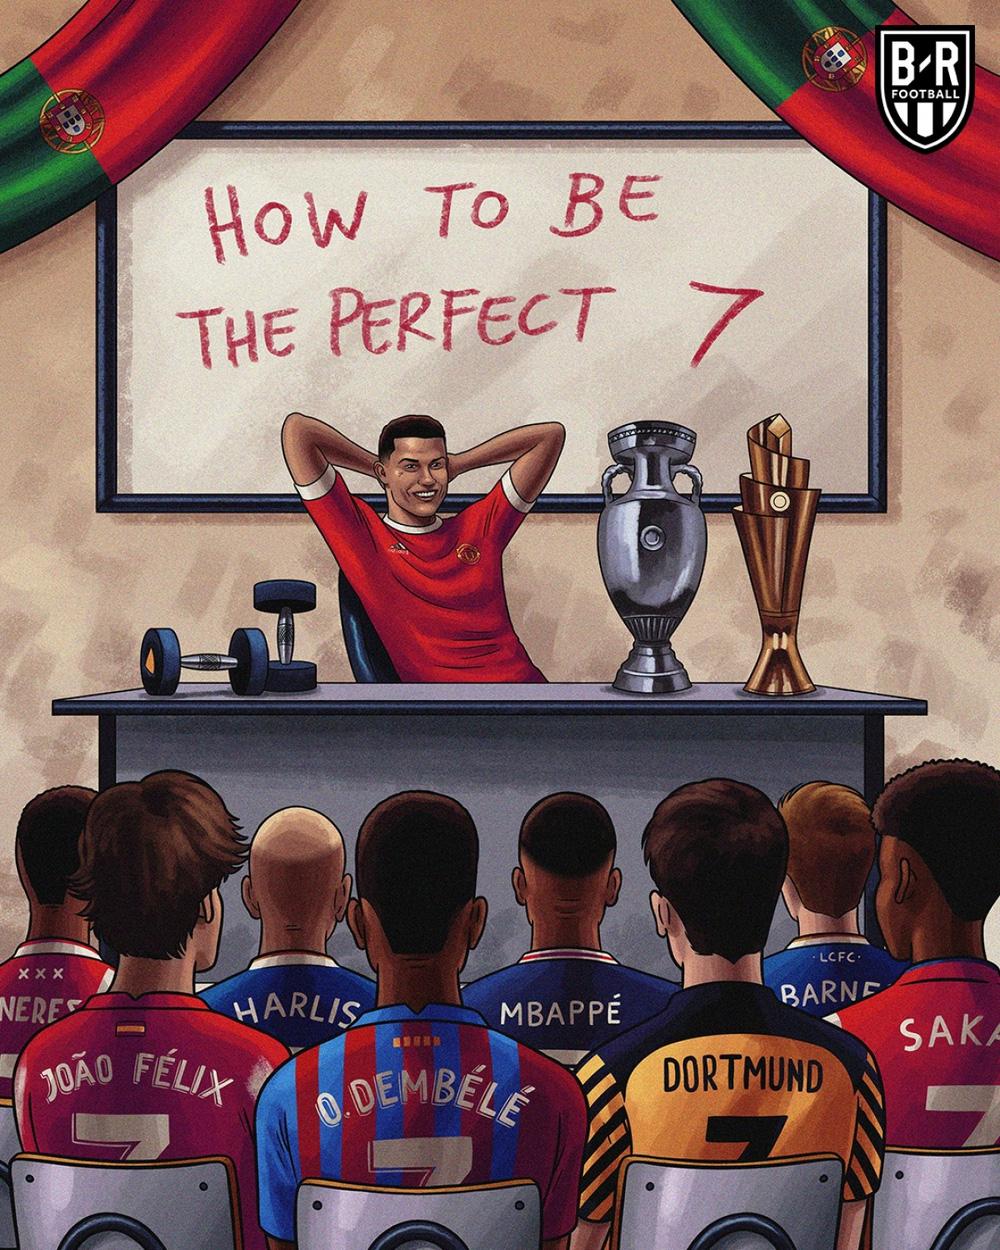 Biếm hoạ 24h: Cristiano Ronaldo mở lớp học đặc biệt - ảnh 1